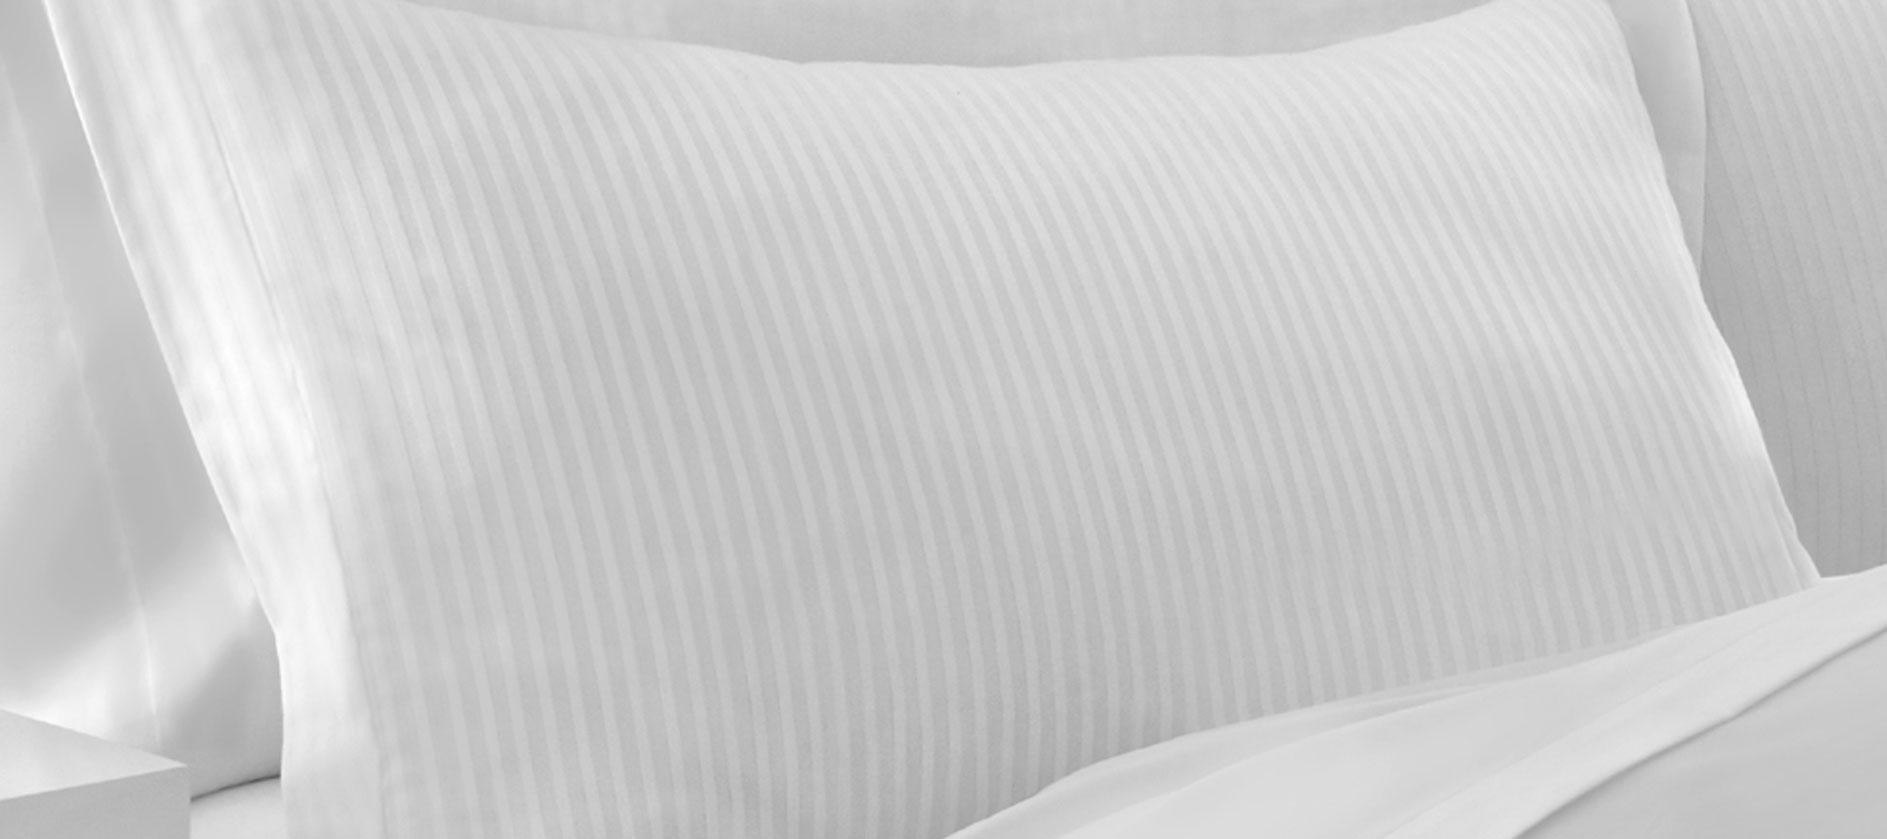 Vendita cuscini e accessori per il sistema letto Punto Notte